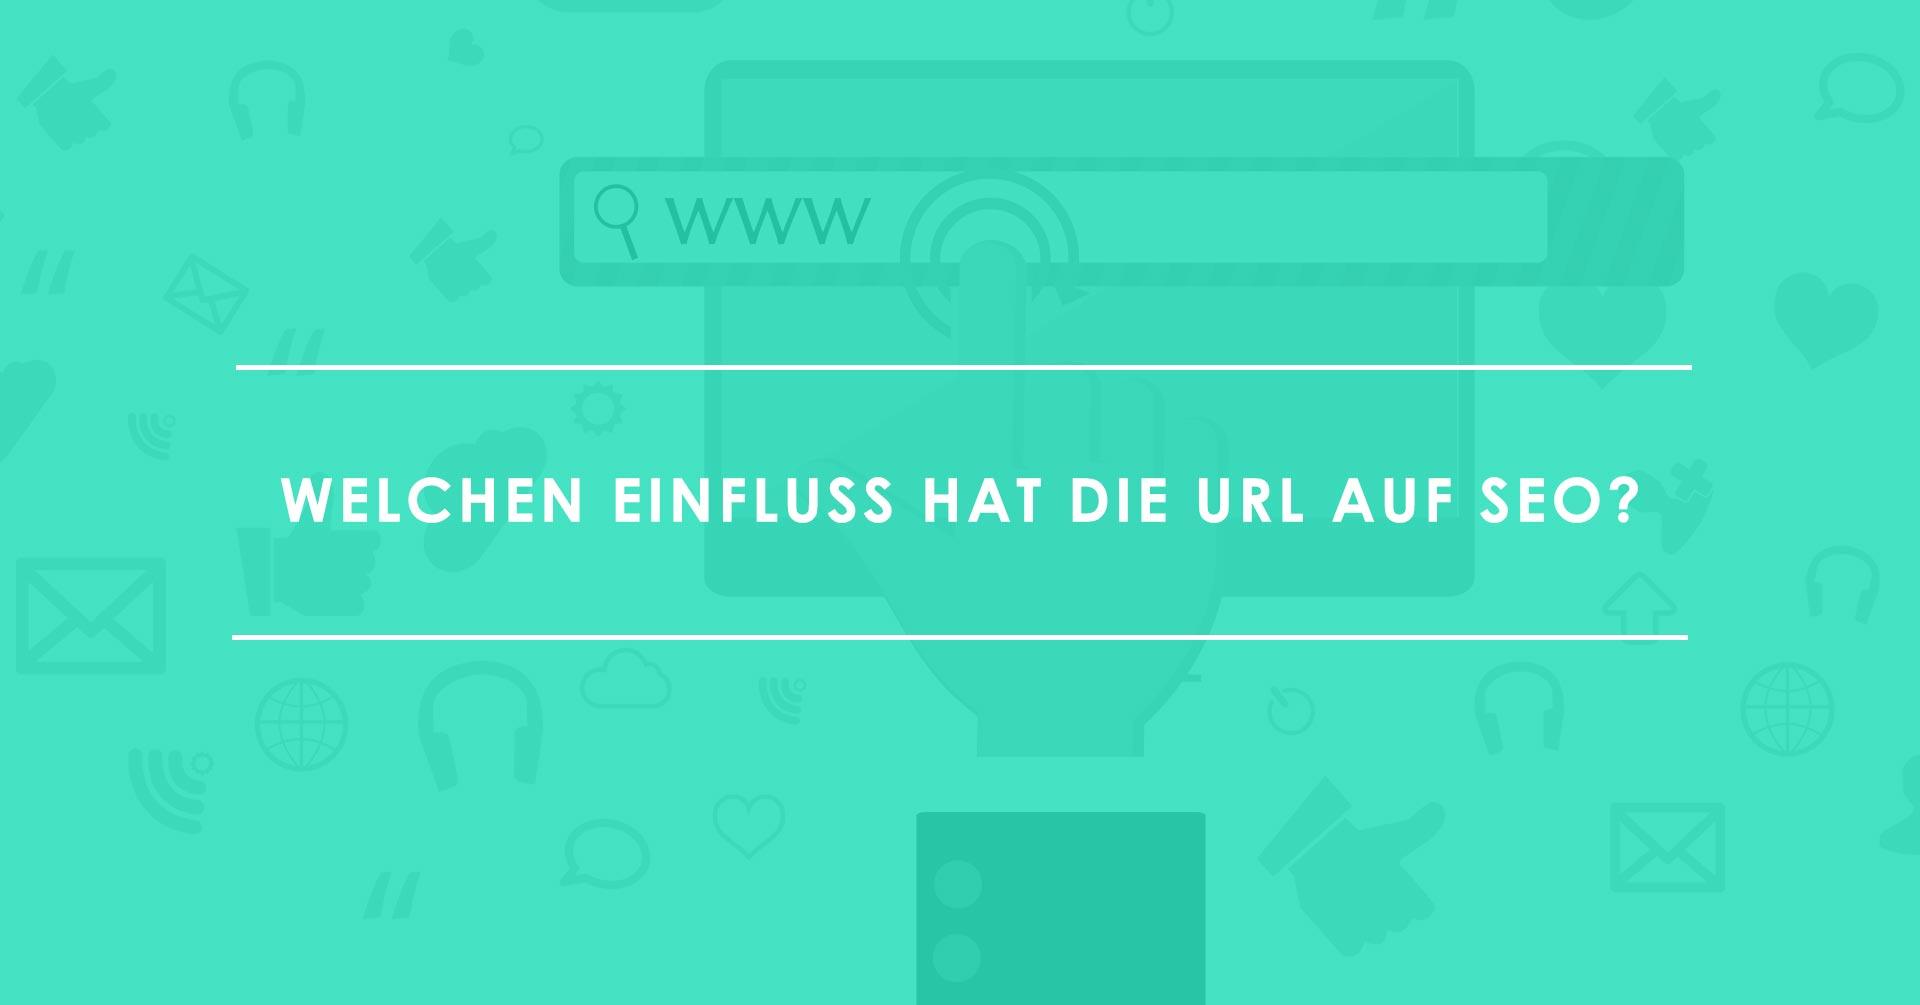 Einfluss von URL auf SEO